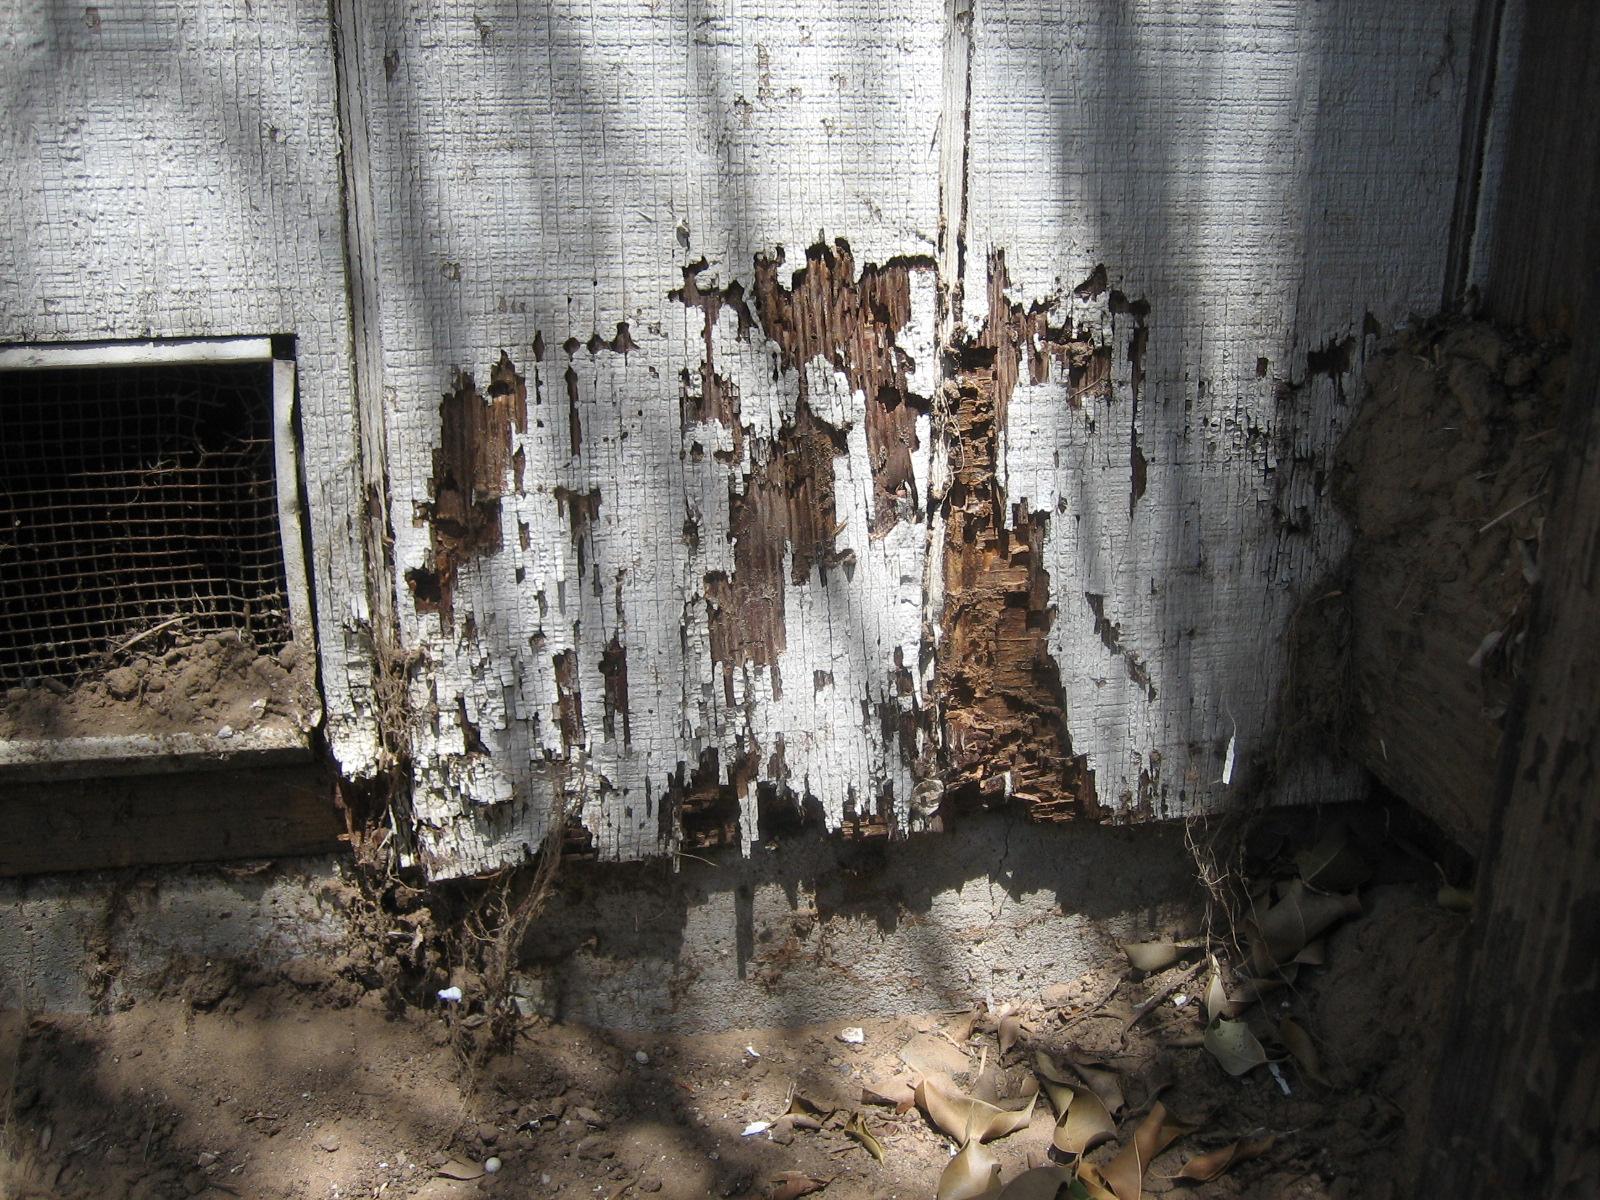 termite control - termite control page